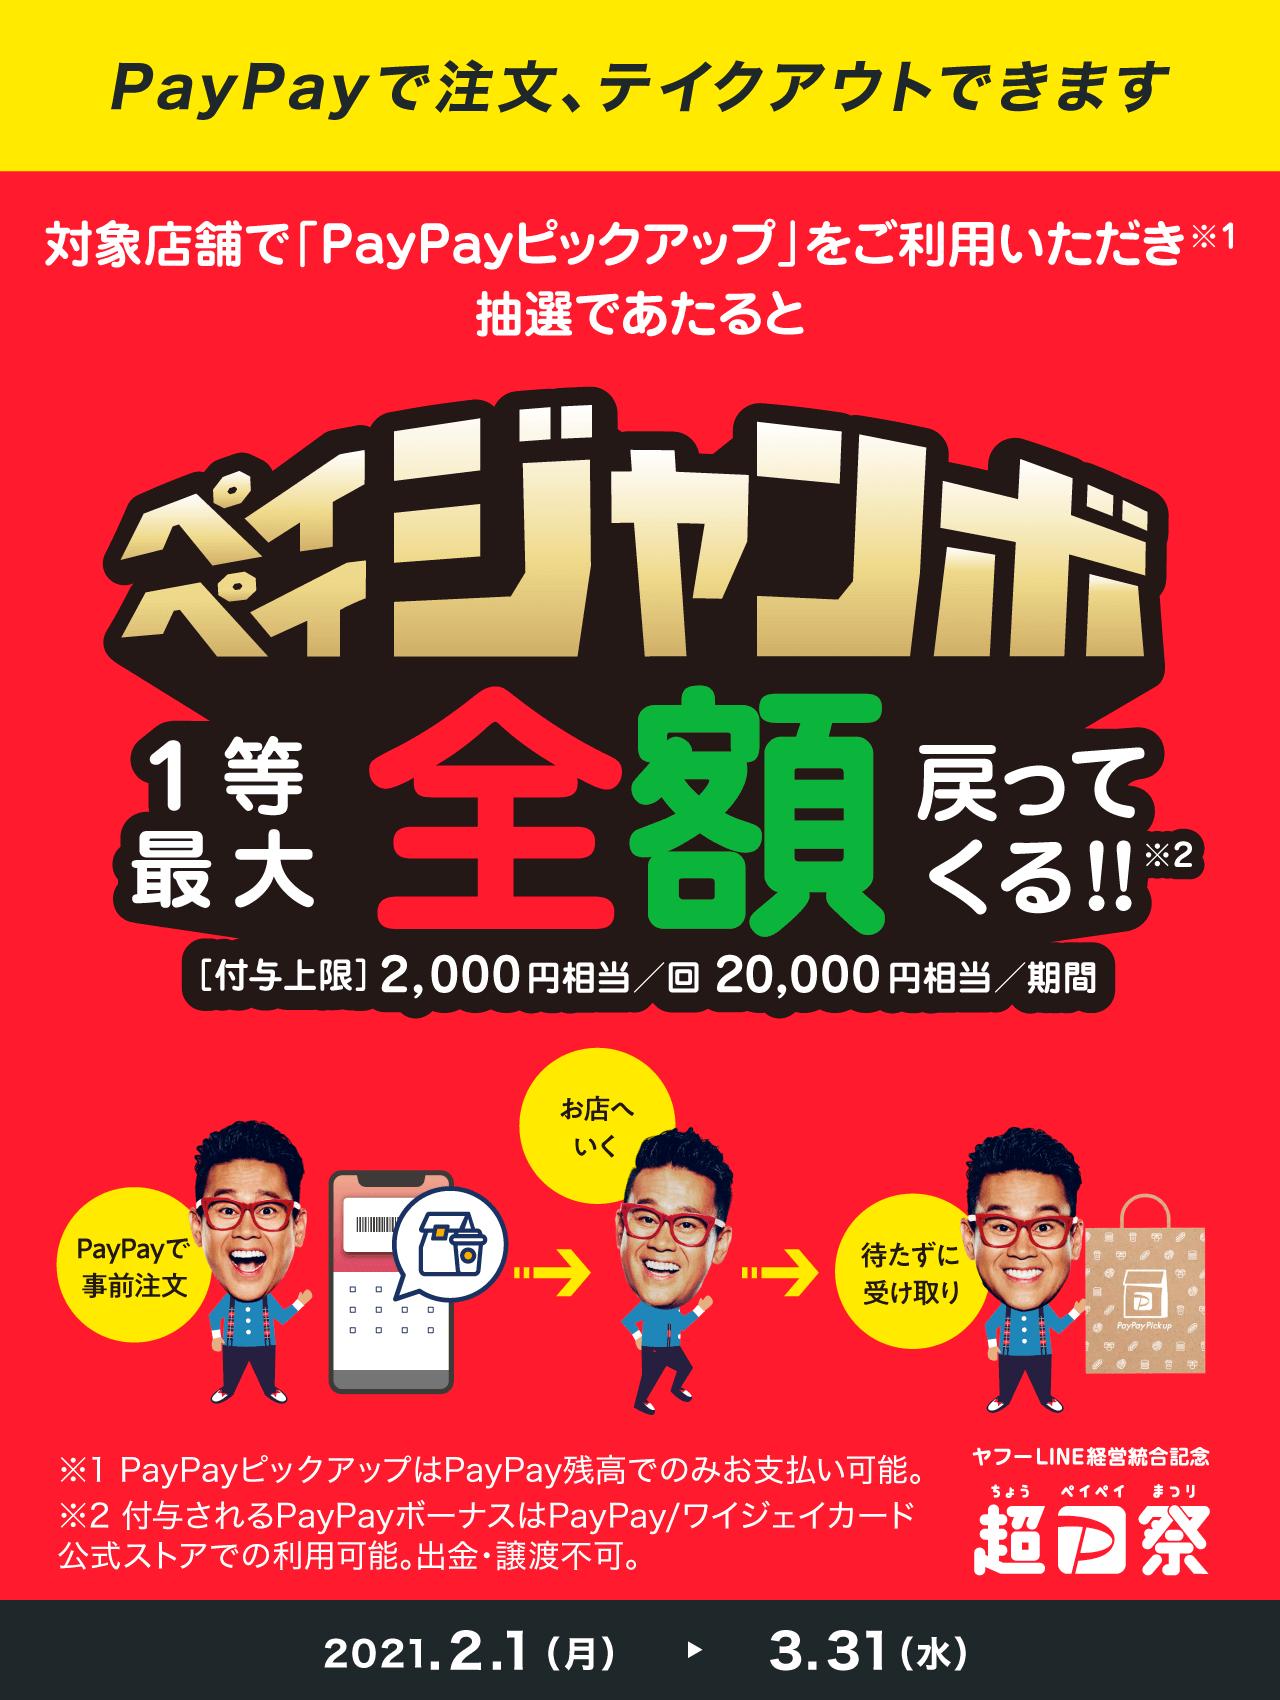 対象店舗で「PayPayピックアップ」をご利用いただき抽選であたるとペイペイジャンボ1等最大全額戻ってくる!!